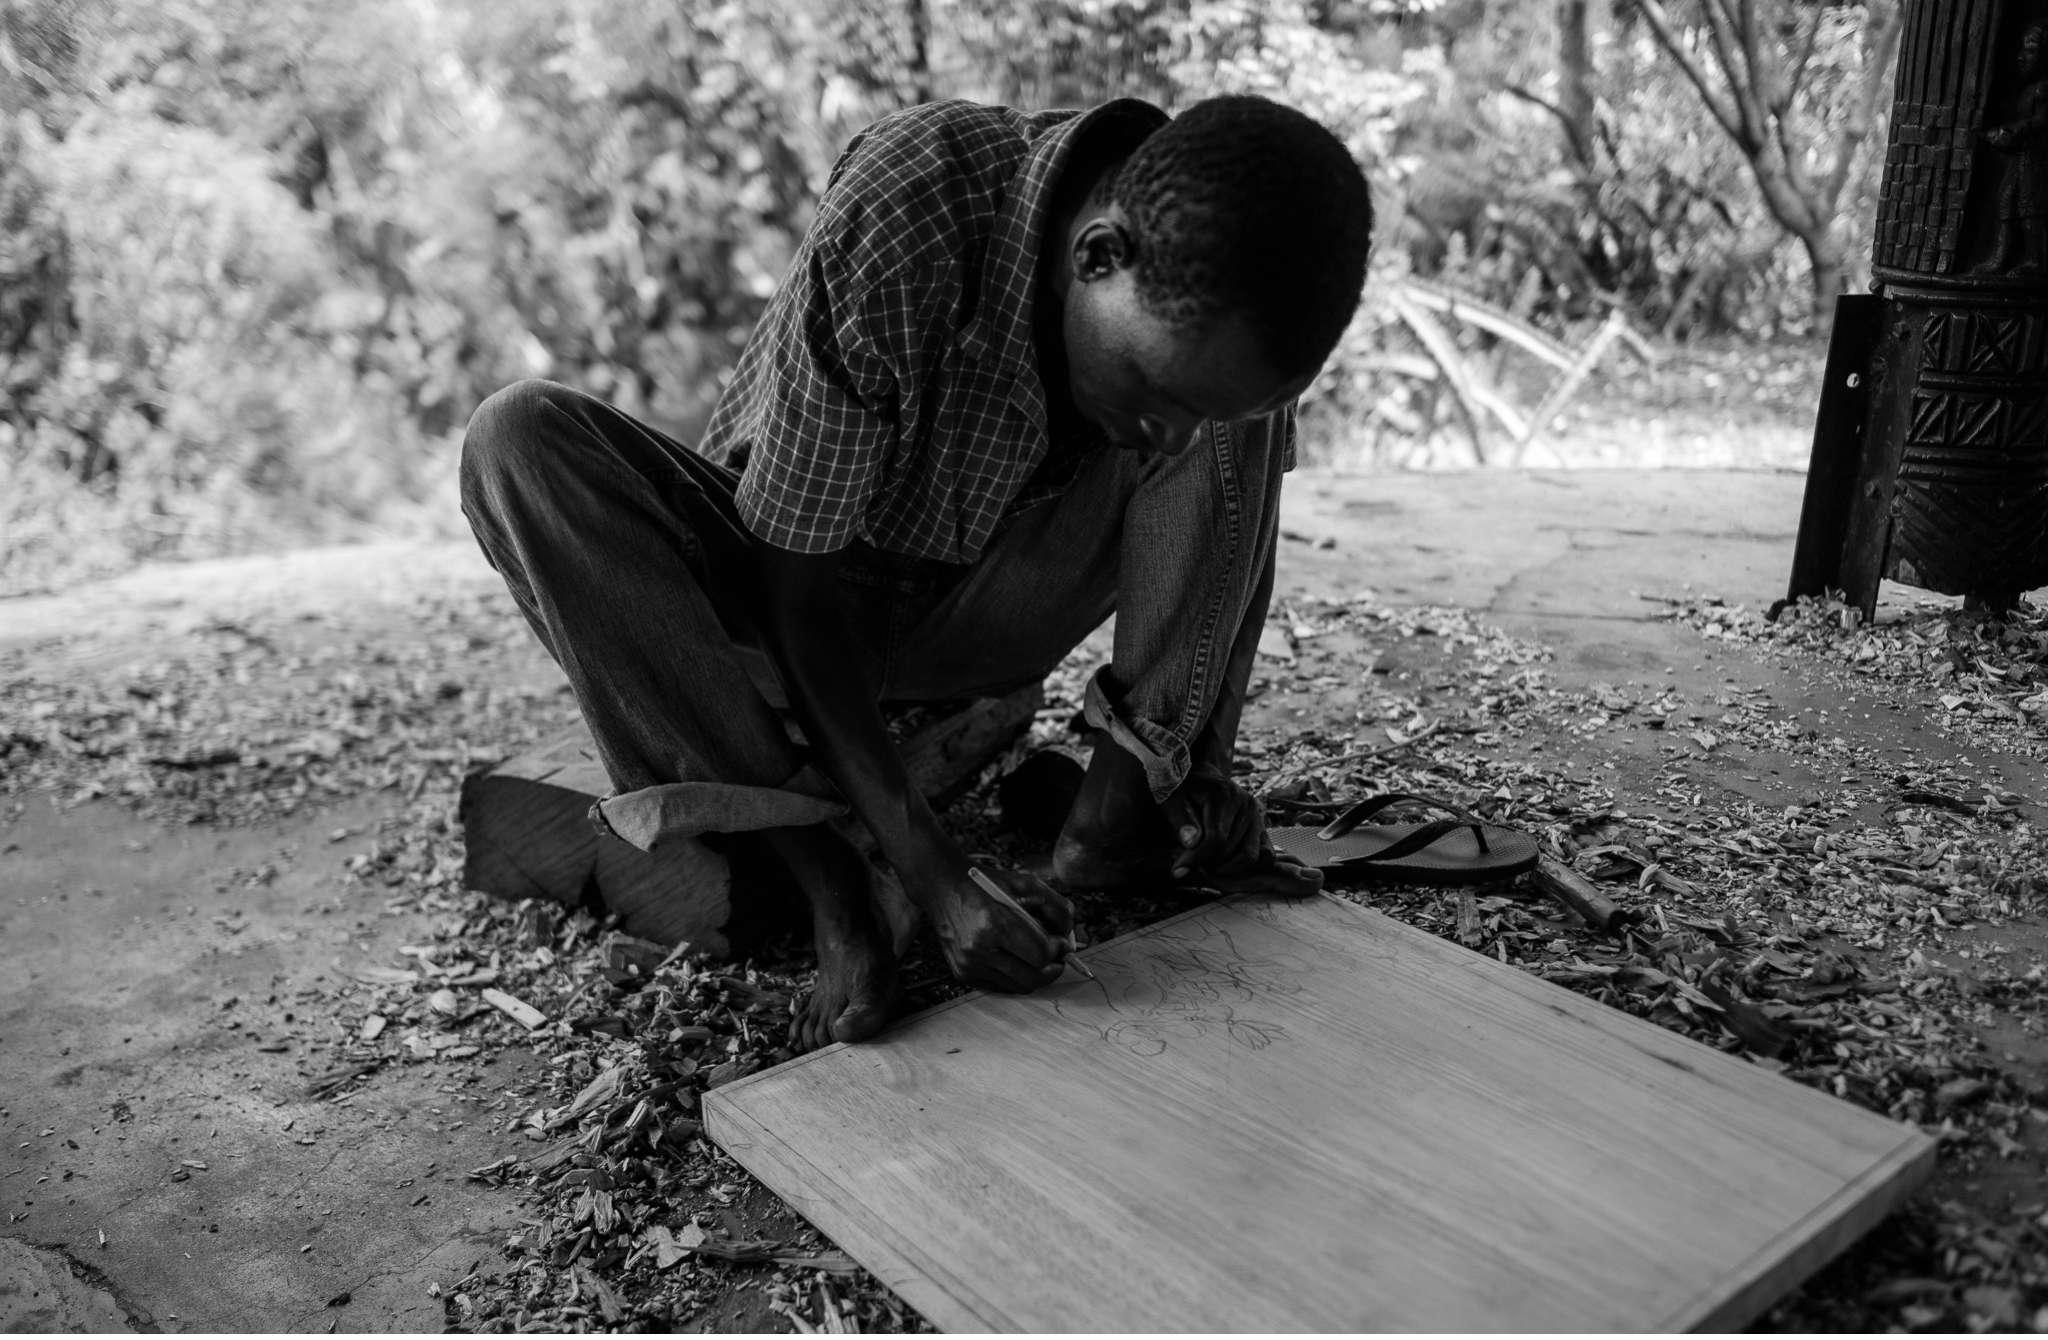 Malawi-Quer durch Afrika- Geschichten von unterwegs by Marion and Daniel-38